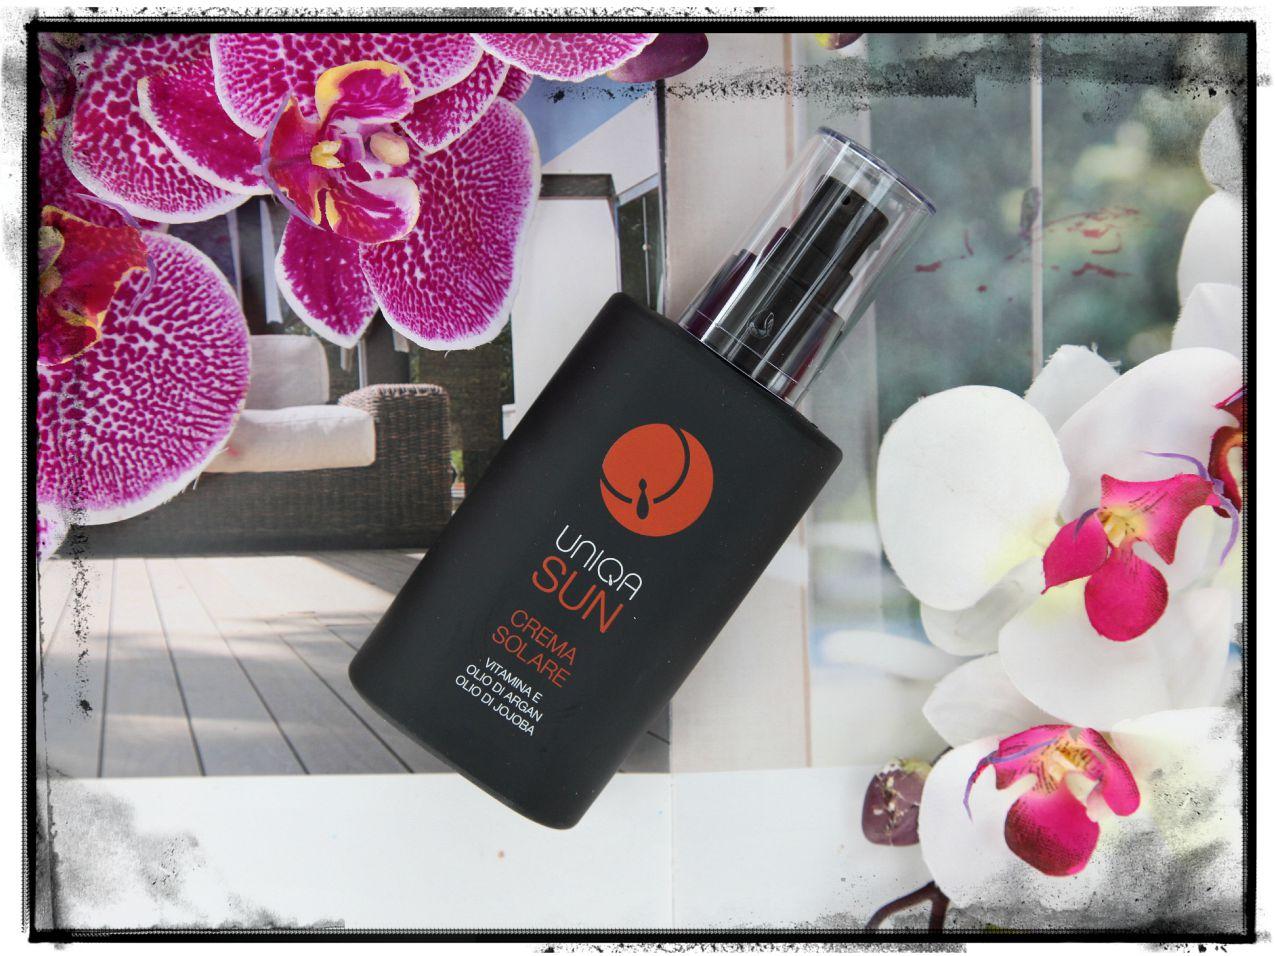 Beauty tips di Agosto: solari innovativi e rossetti brillanti per le lunghe notti d'estate, alessia milanese, thechilicool, fashion blog, fashion blogger , uniqa sun , avon cosmetici